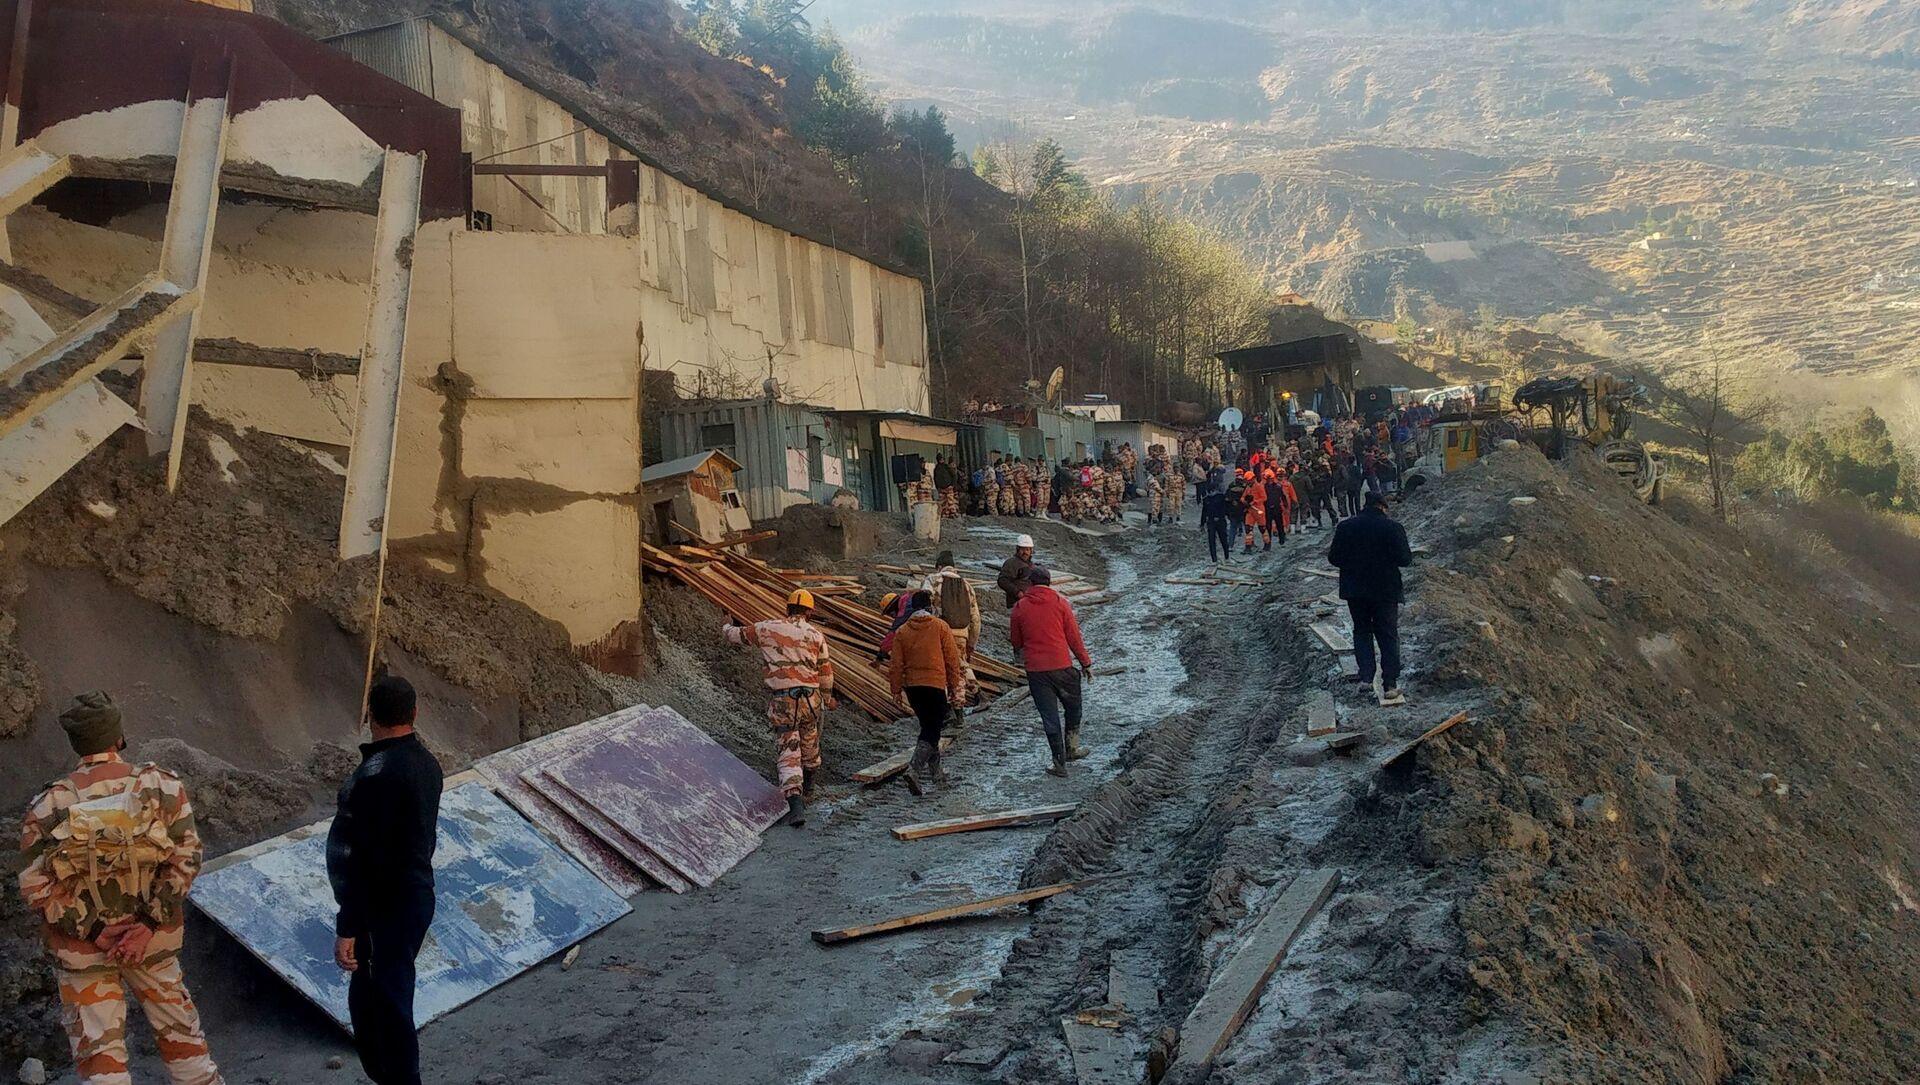 Consecuencias del colapso de glaciar en el estado de Uttarakhand, en el norte de la India - Sputnik Mundo, 1920, 08.02.2021